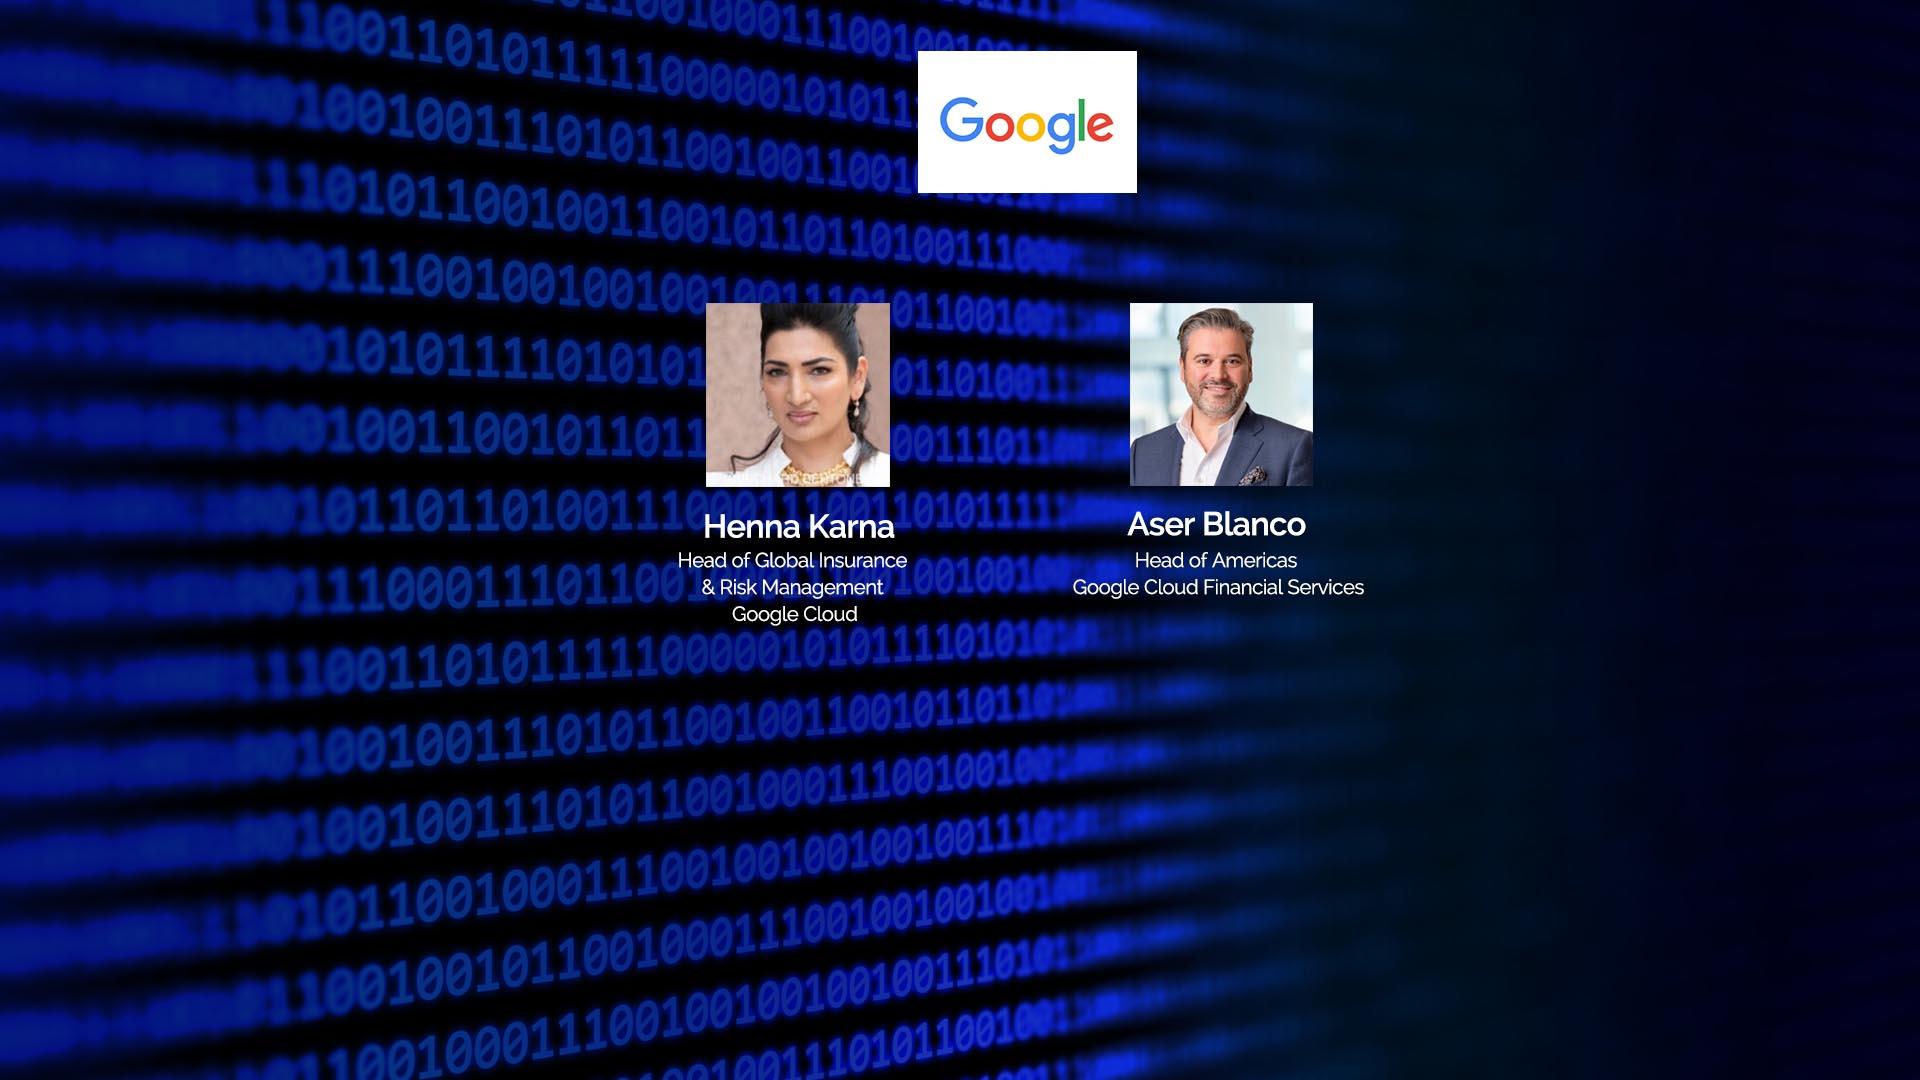 Seguros y Google: las claves para acelerar el viaje hacia lo digital